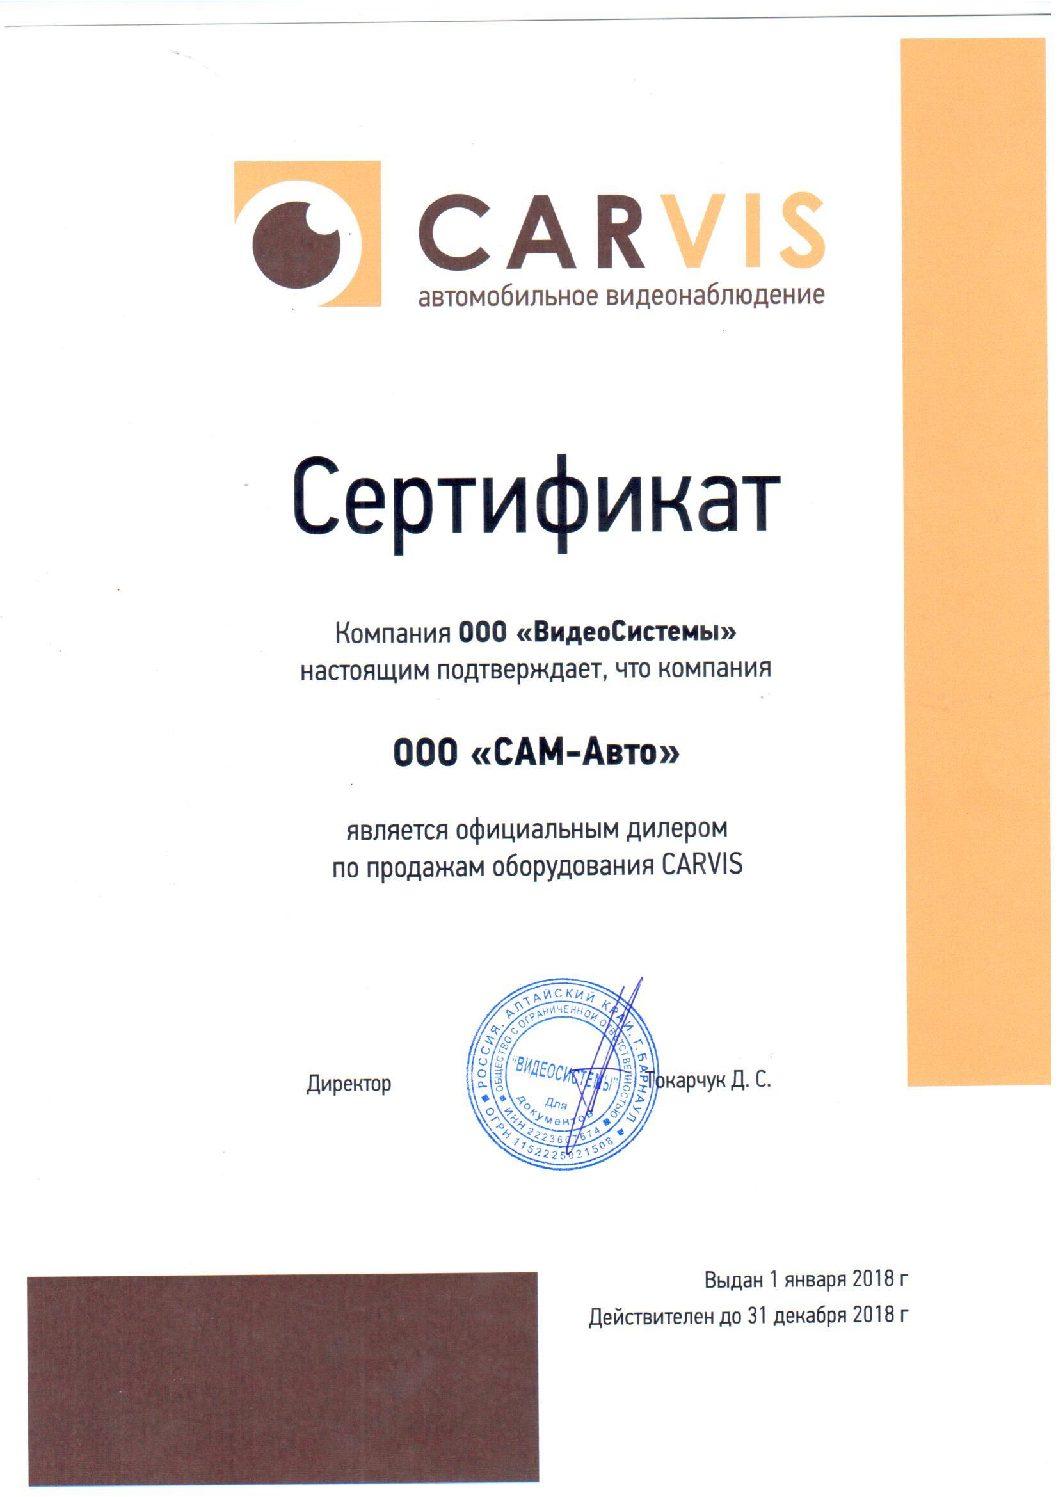 Сертификат дилера Carvis